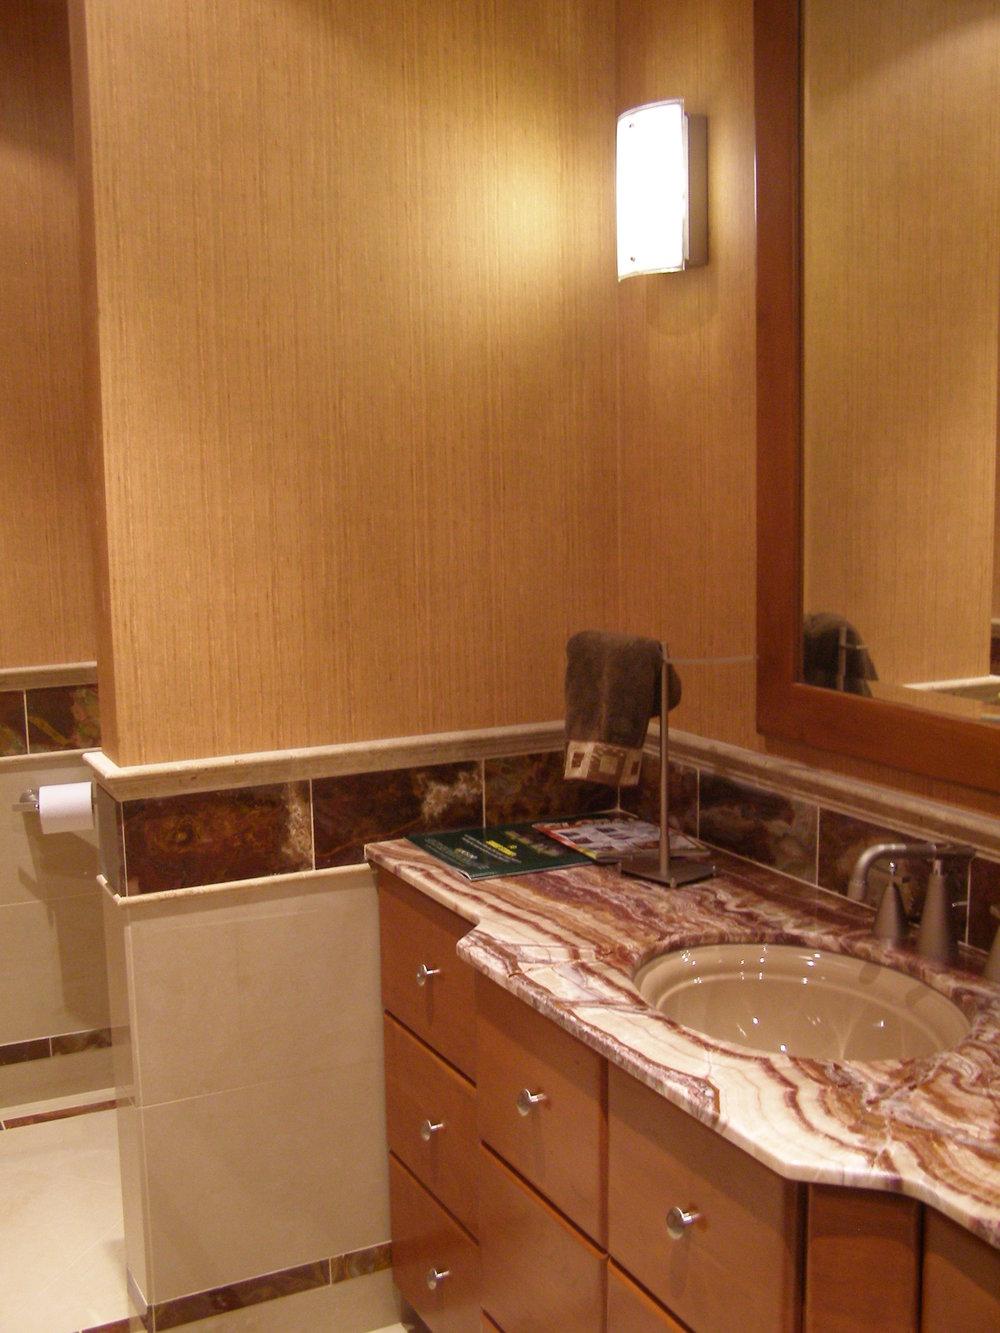 Bath sinkP1010029.JPG